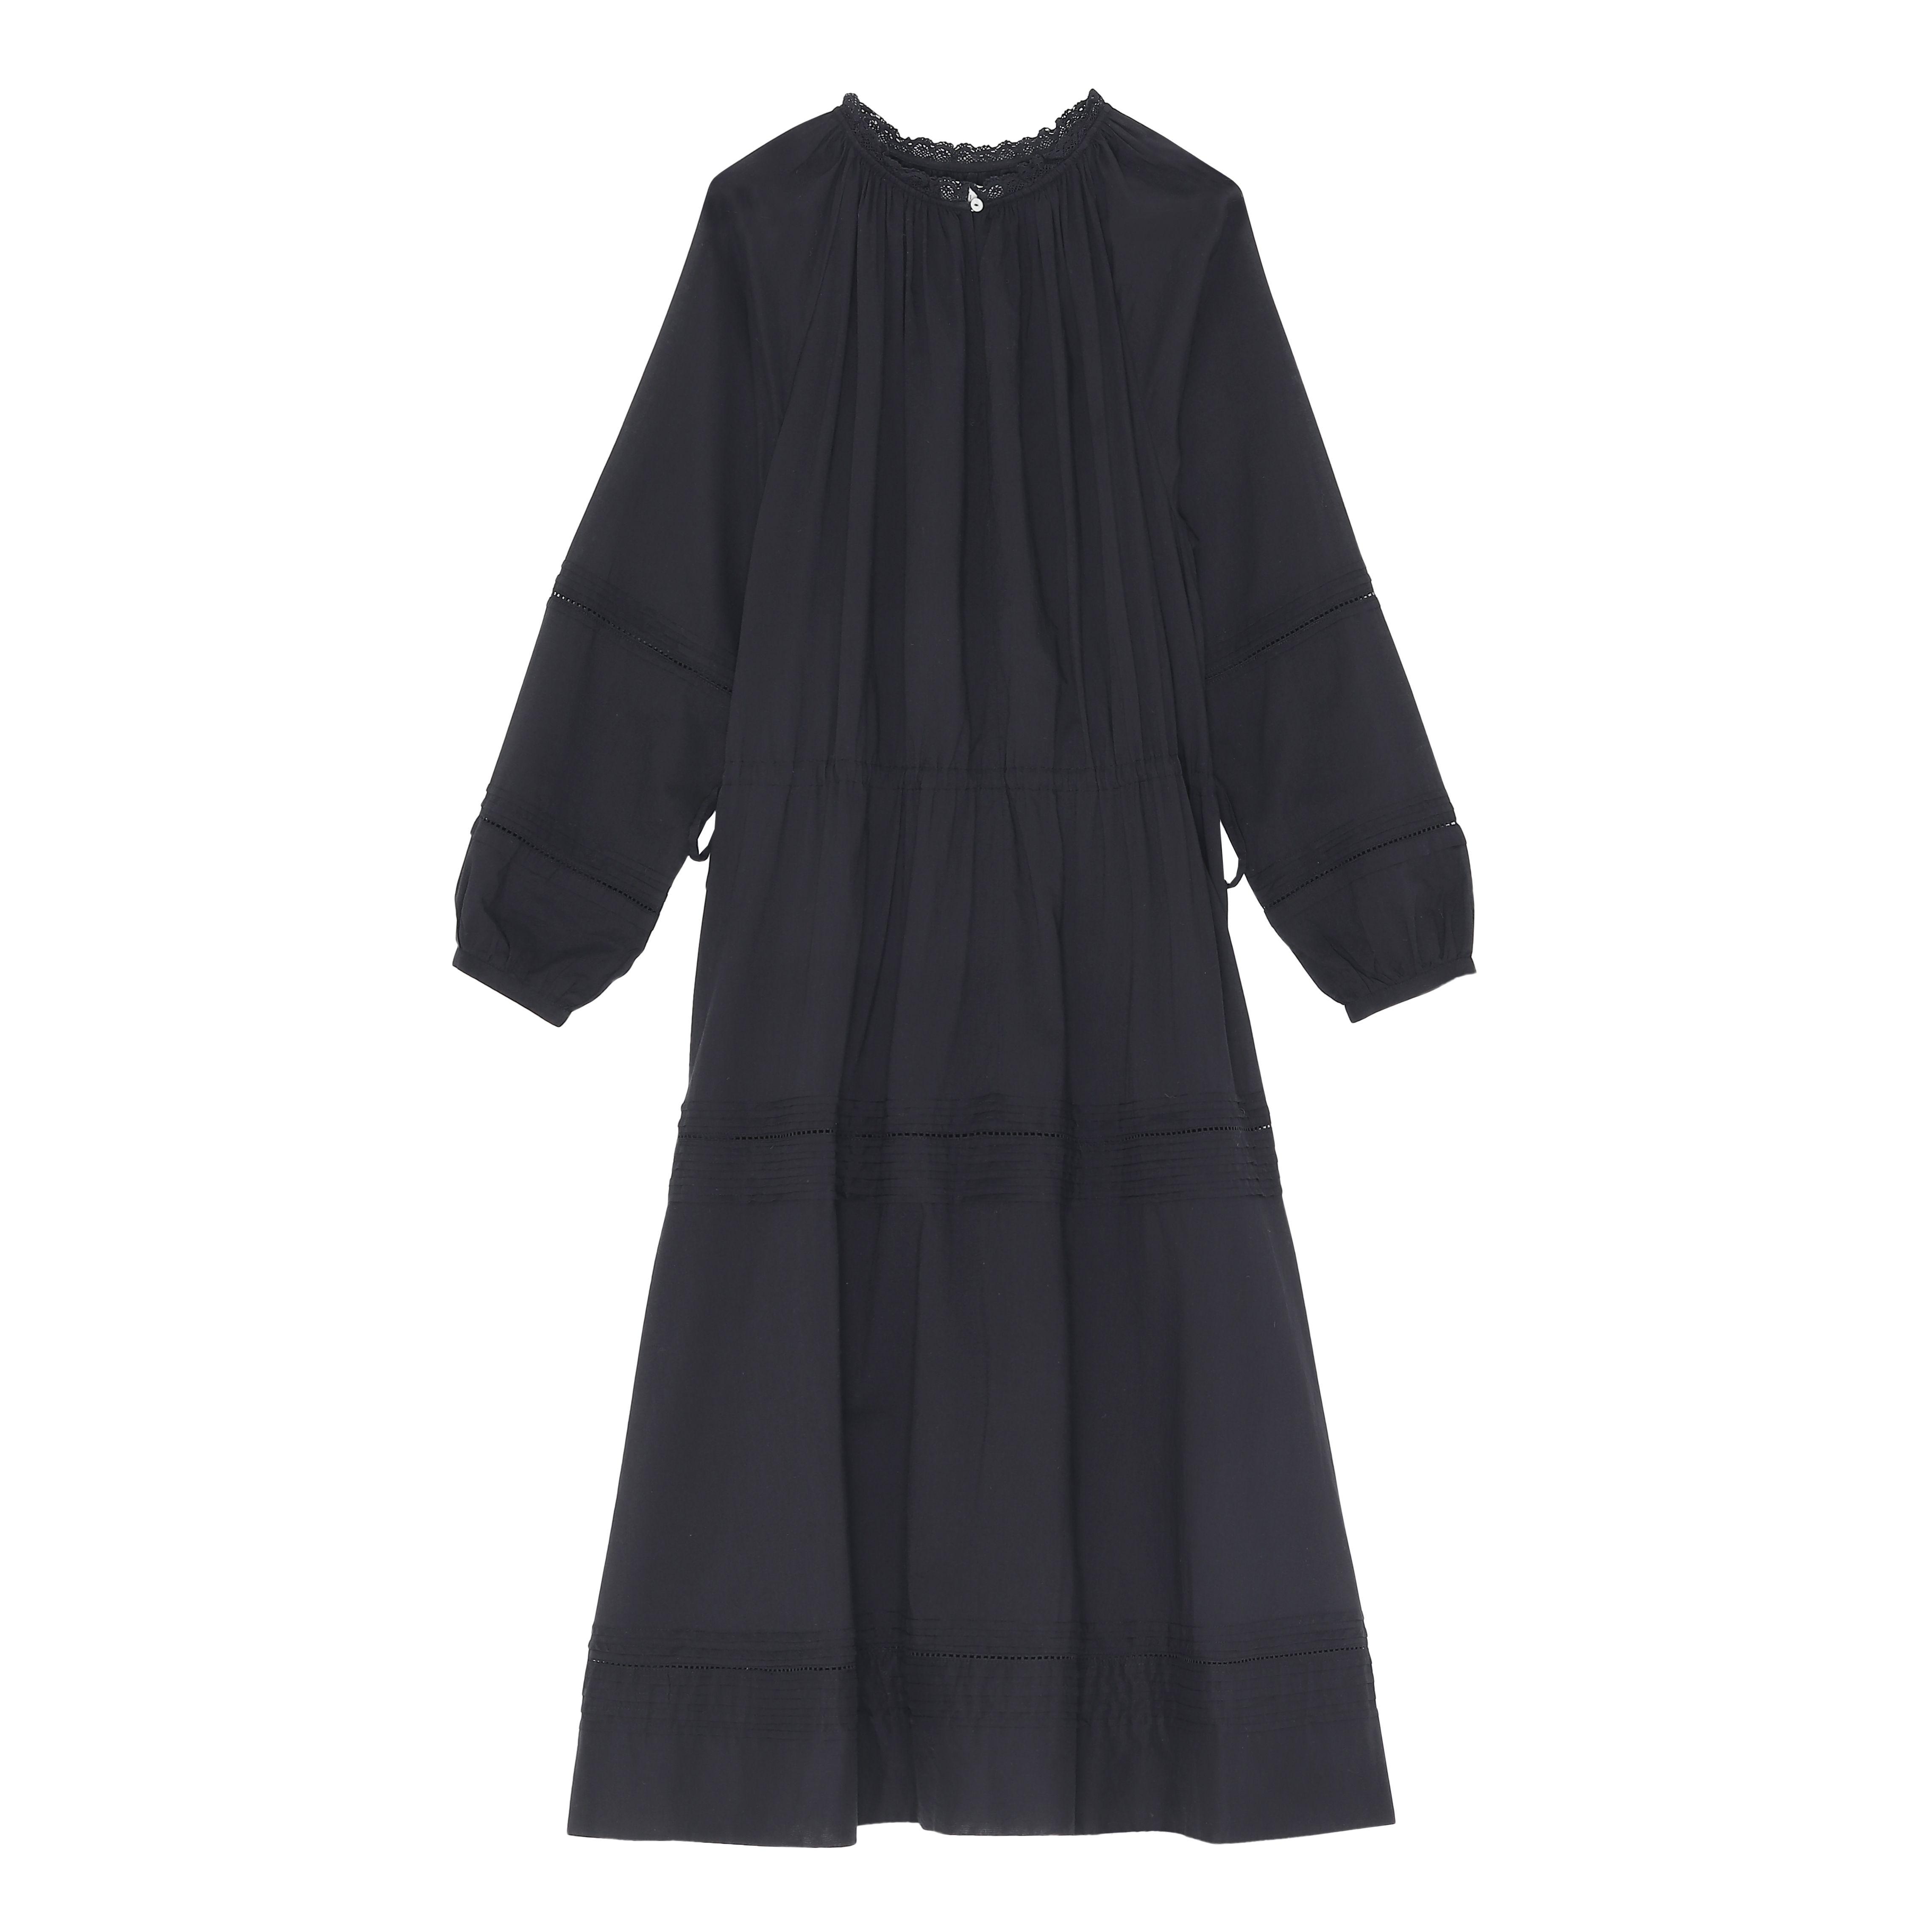 JASMINE DRESS BLACK